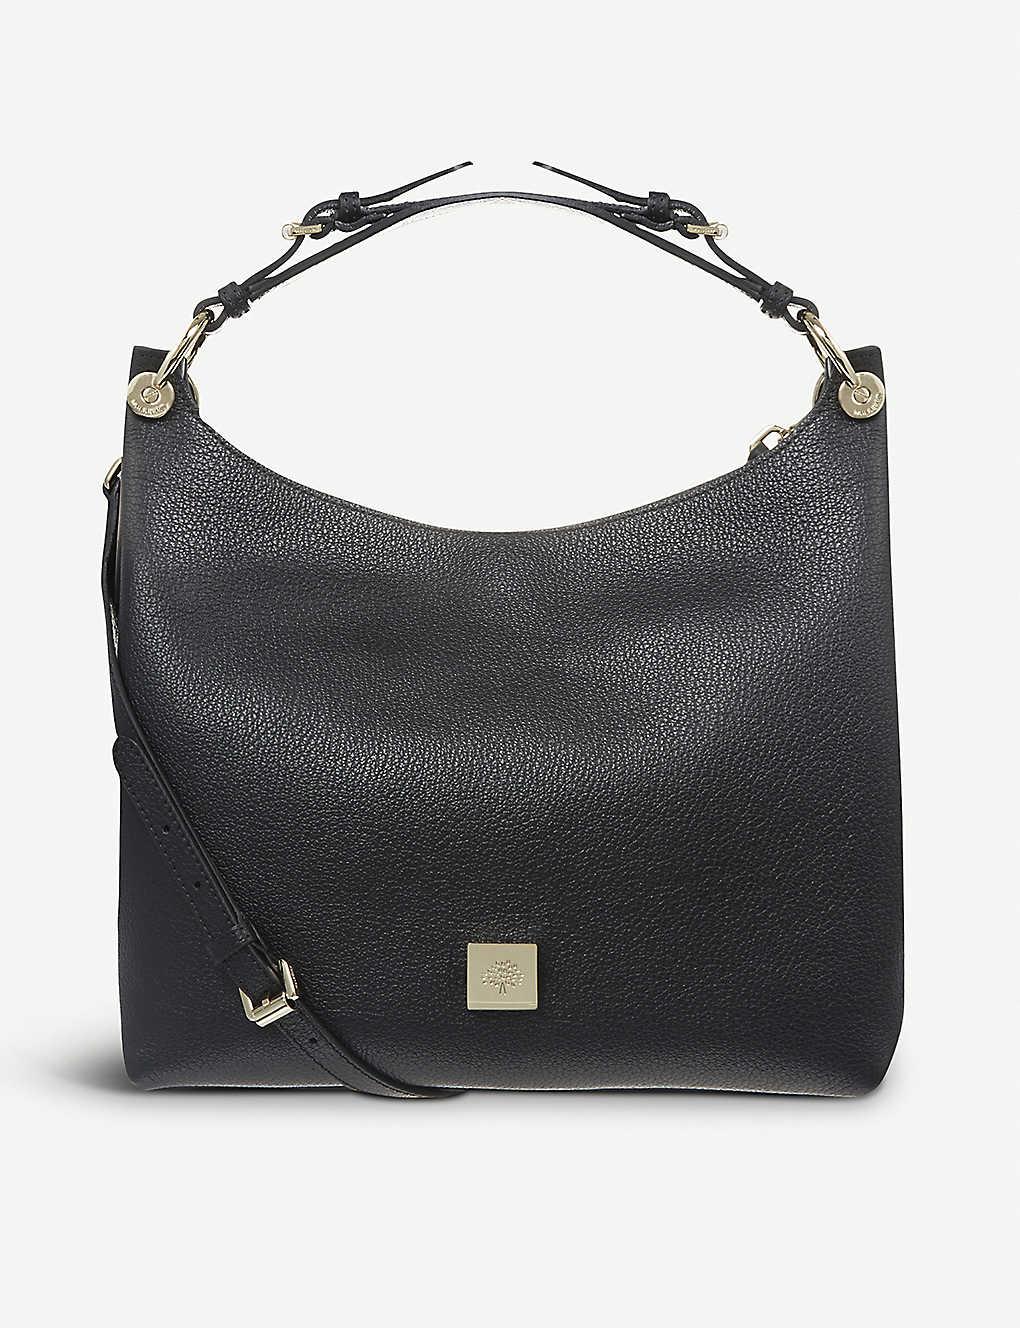 cf6cdc80846 ... Freya small leather hobo bag zoom ...